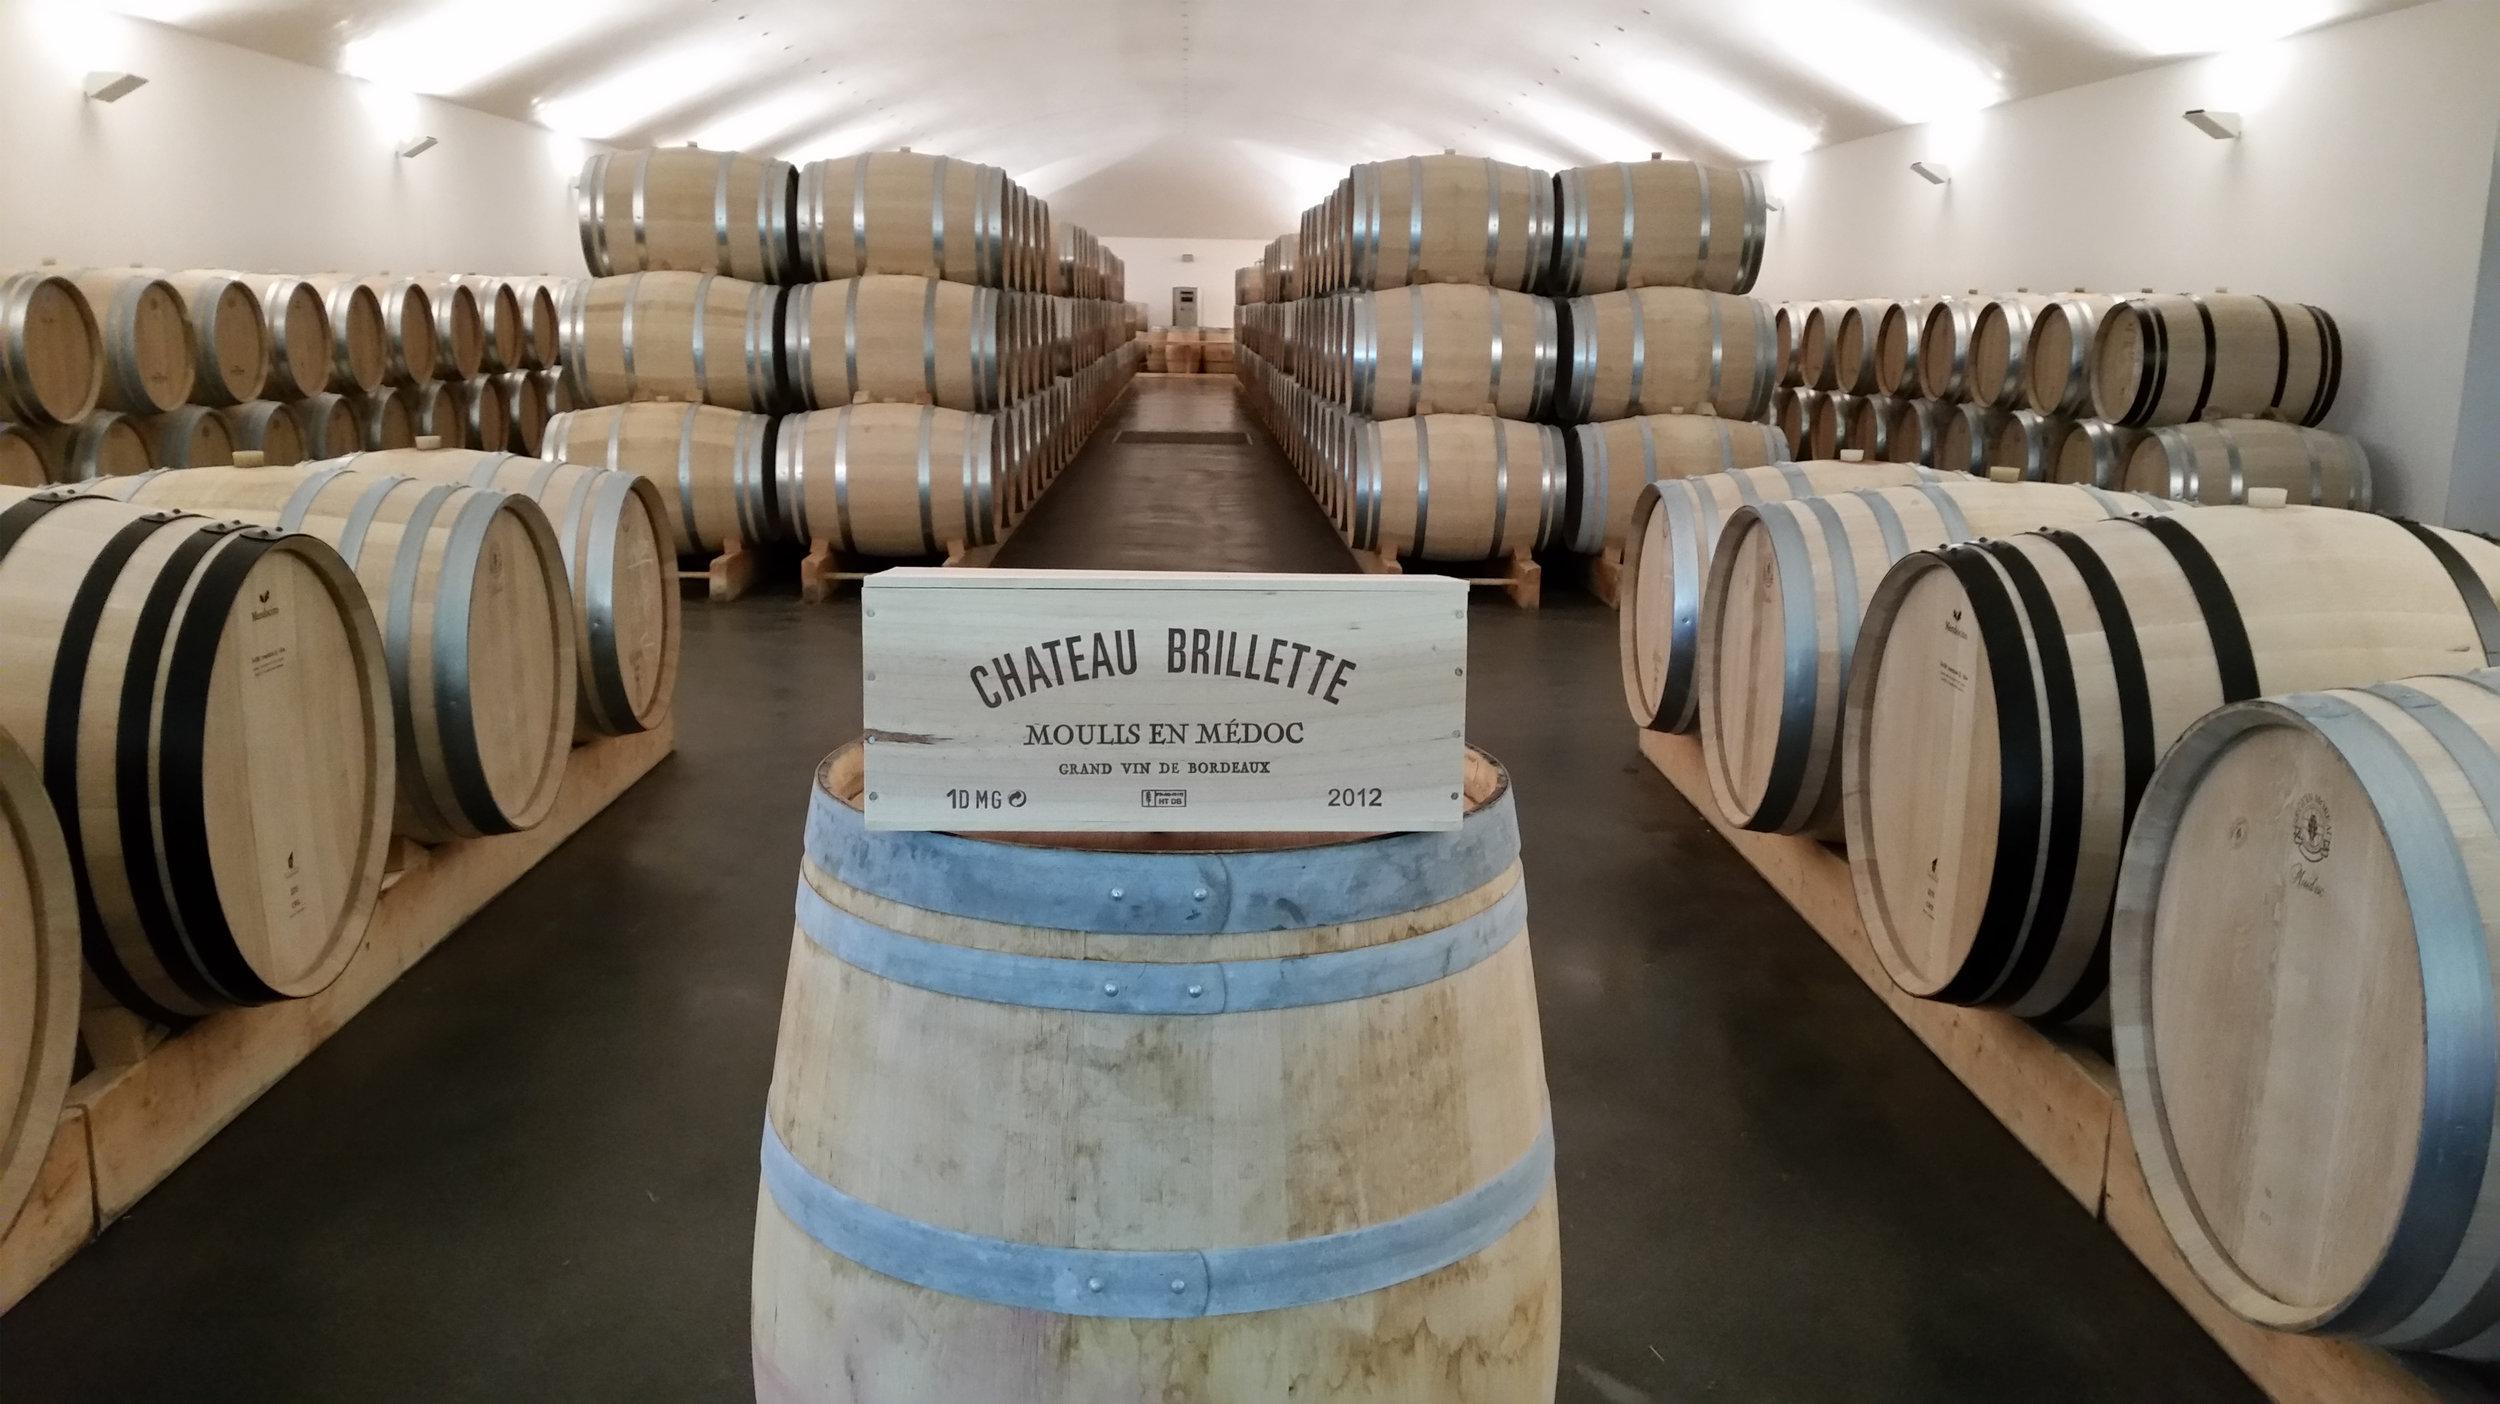 Double-Magnum-Château-Brillette-2012.jpg